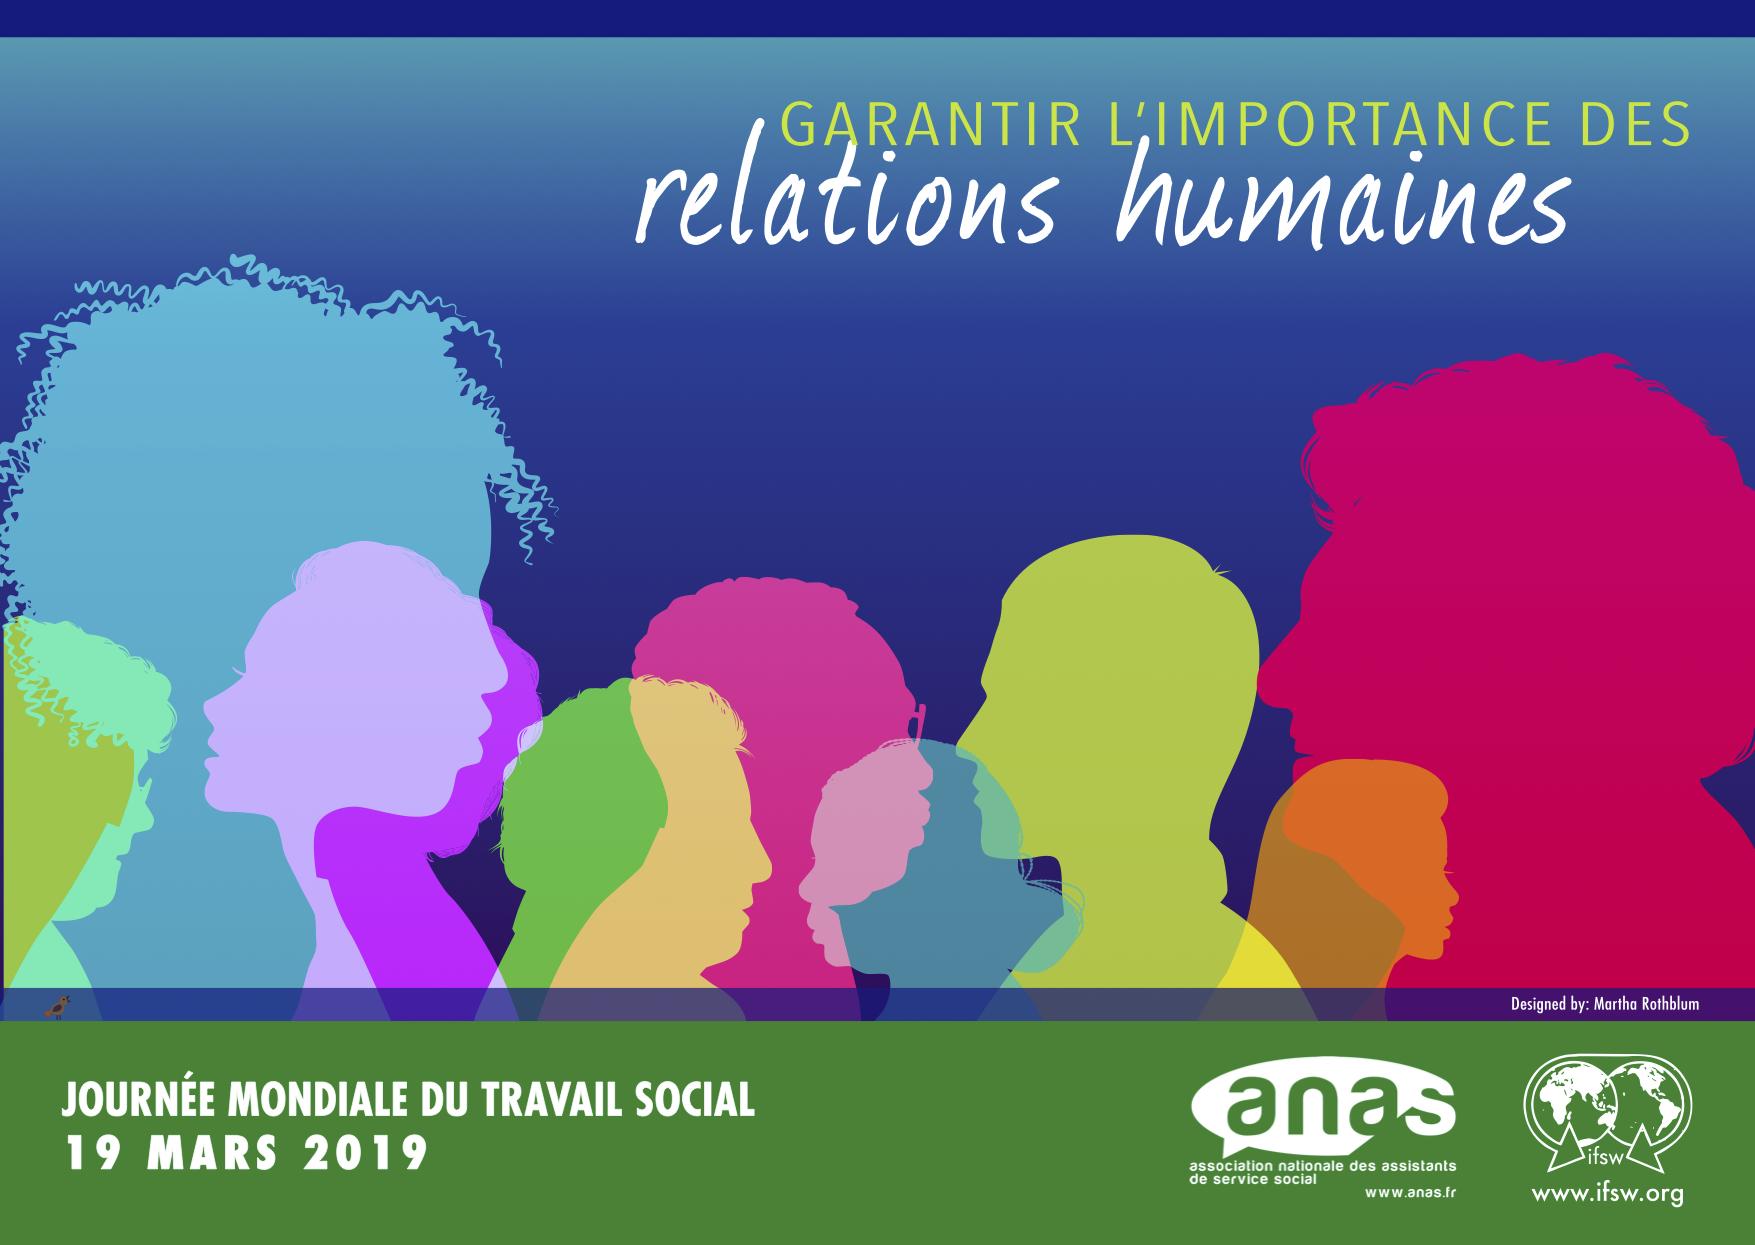 Journée Mondiale du Travail Social - 19 mars 2019